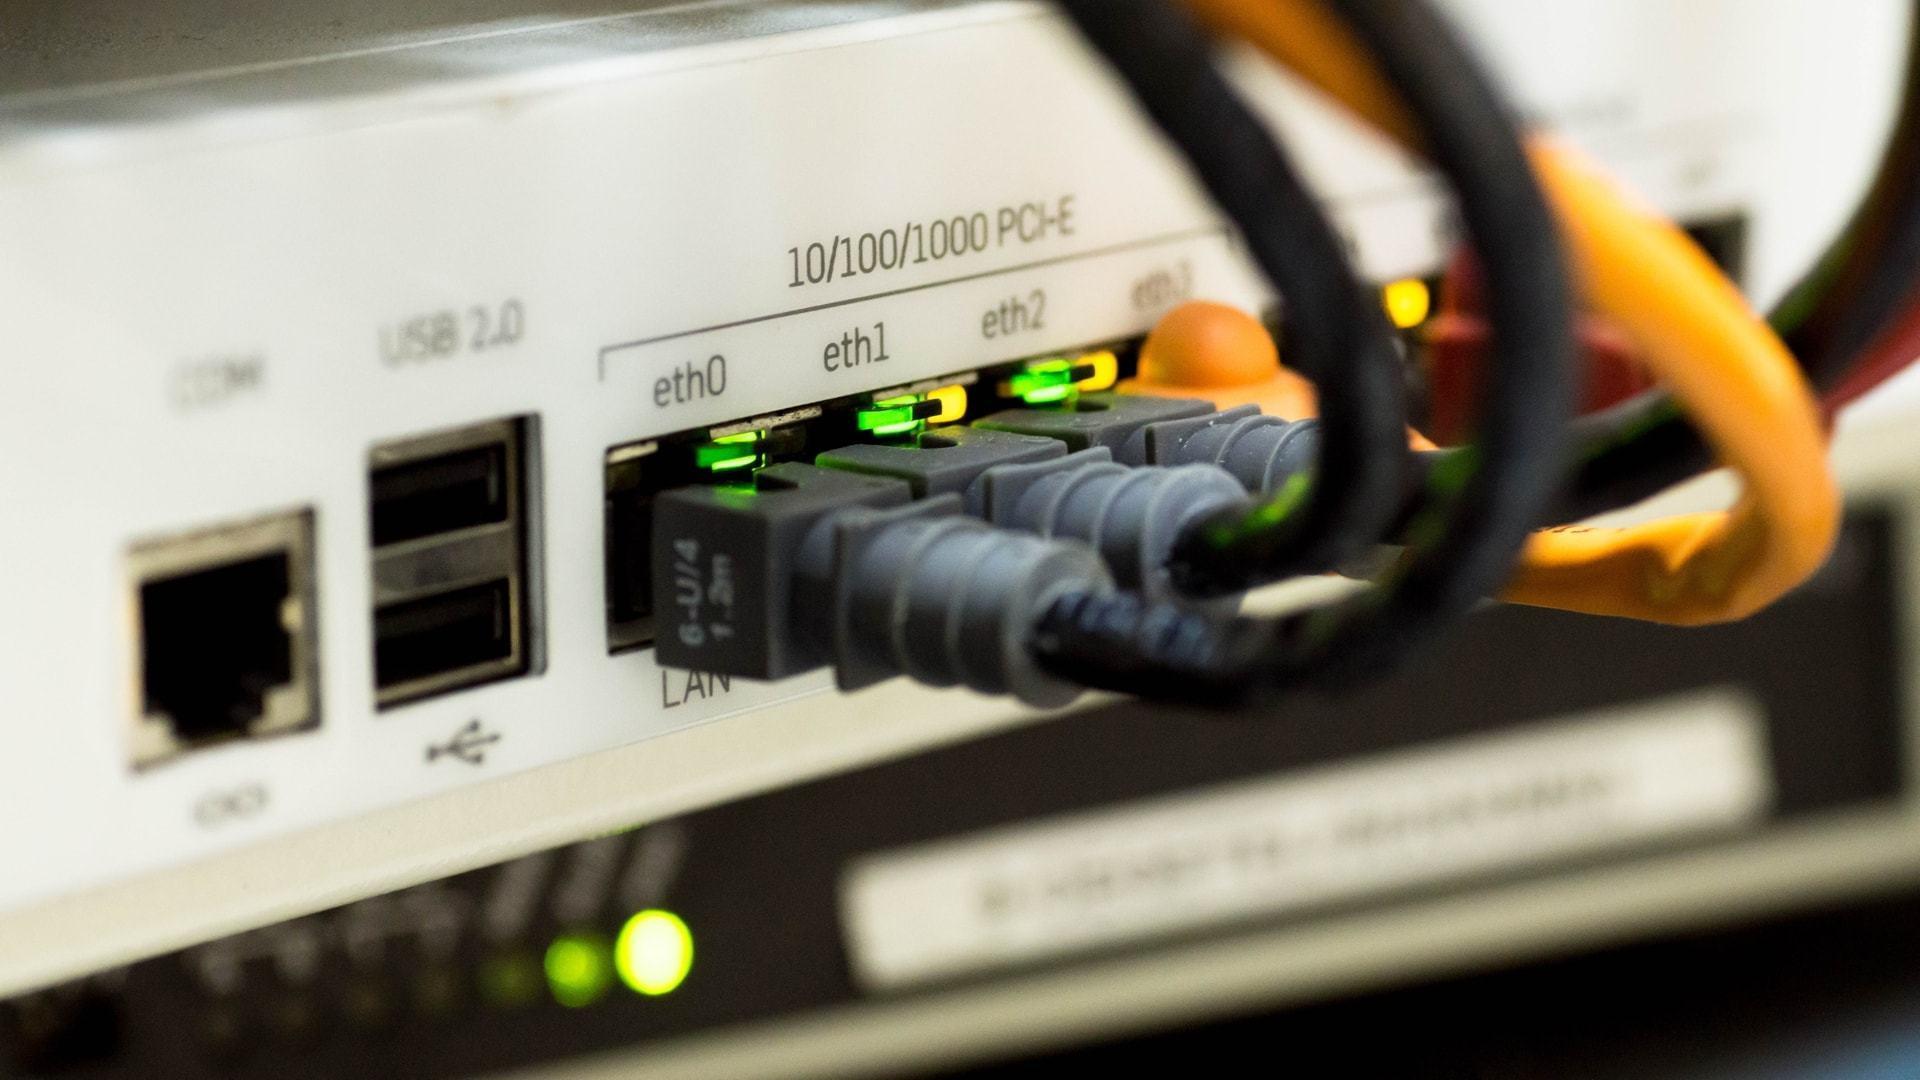 Quão rápida é a sua conexão? Dicas de como fazer teste de velocidade de internet